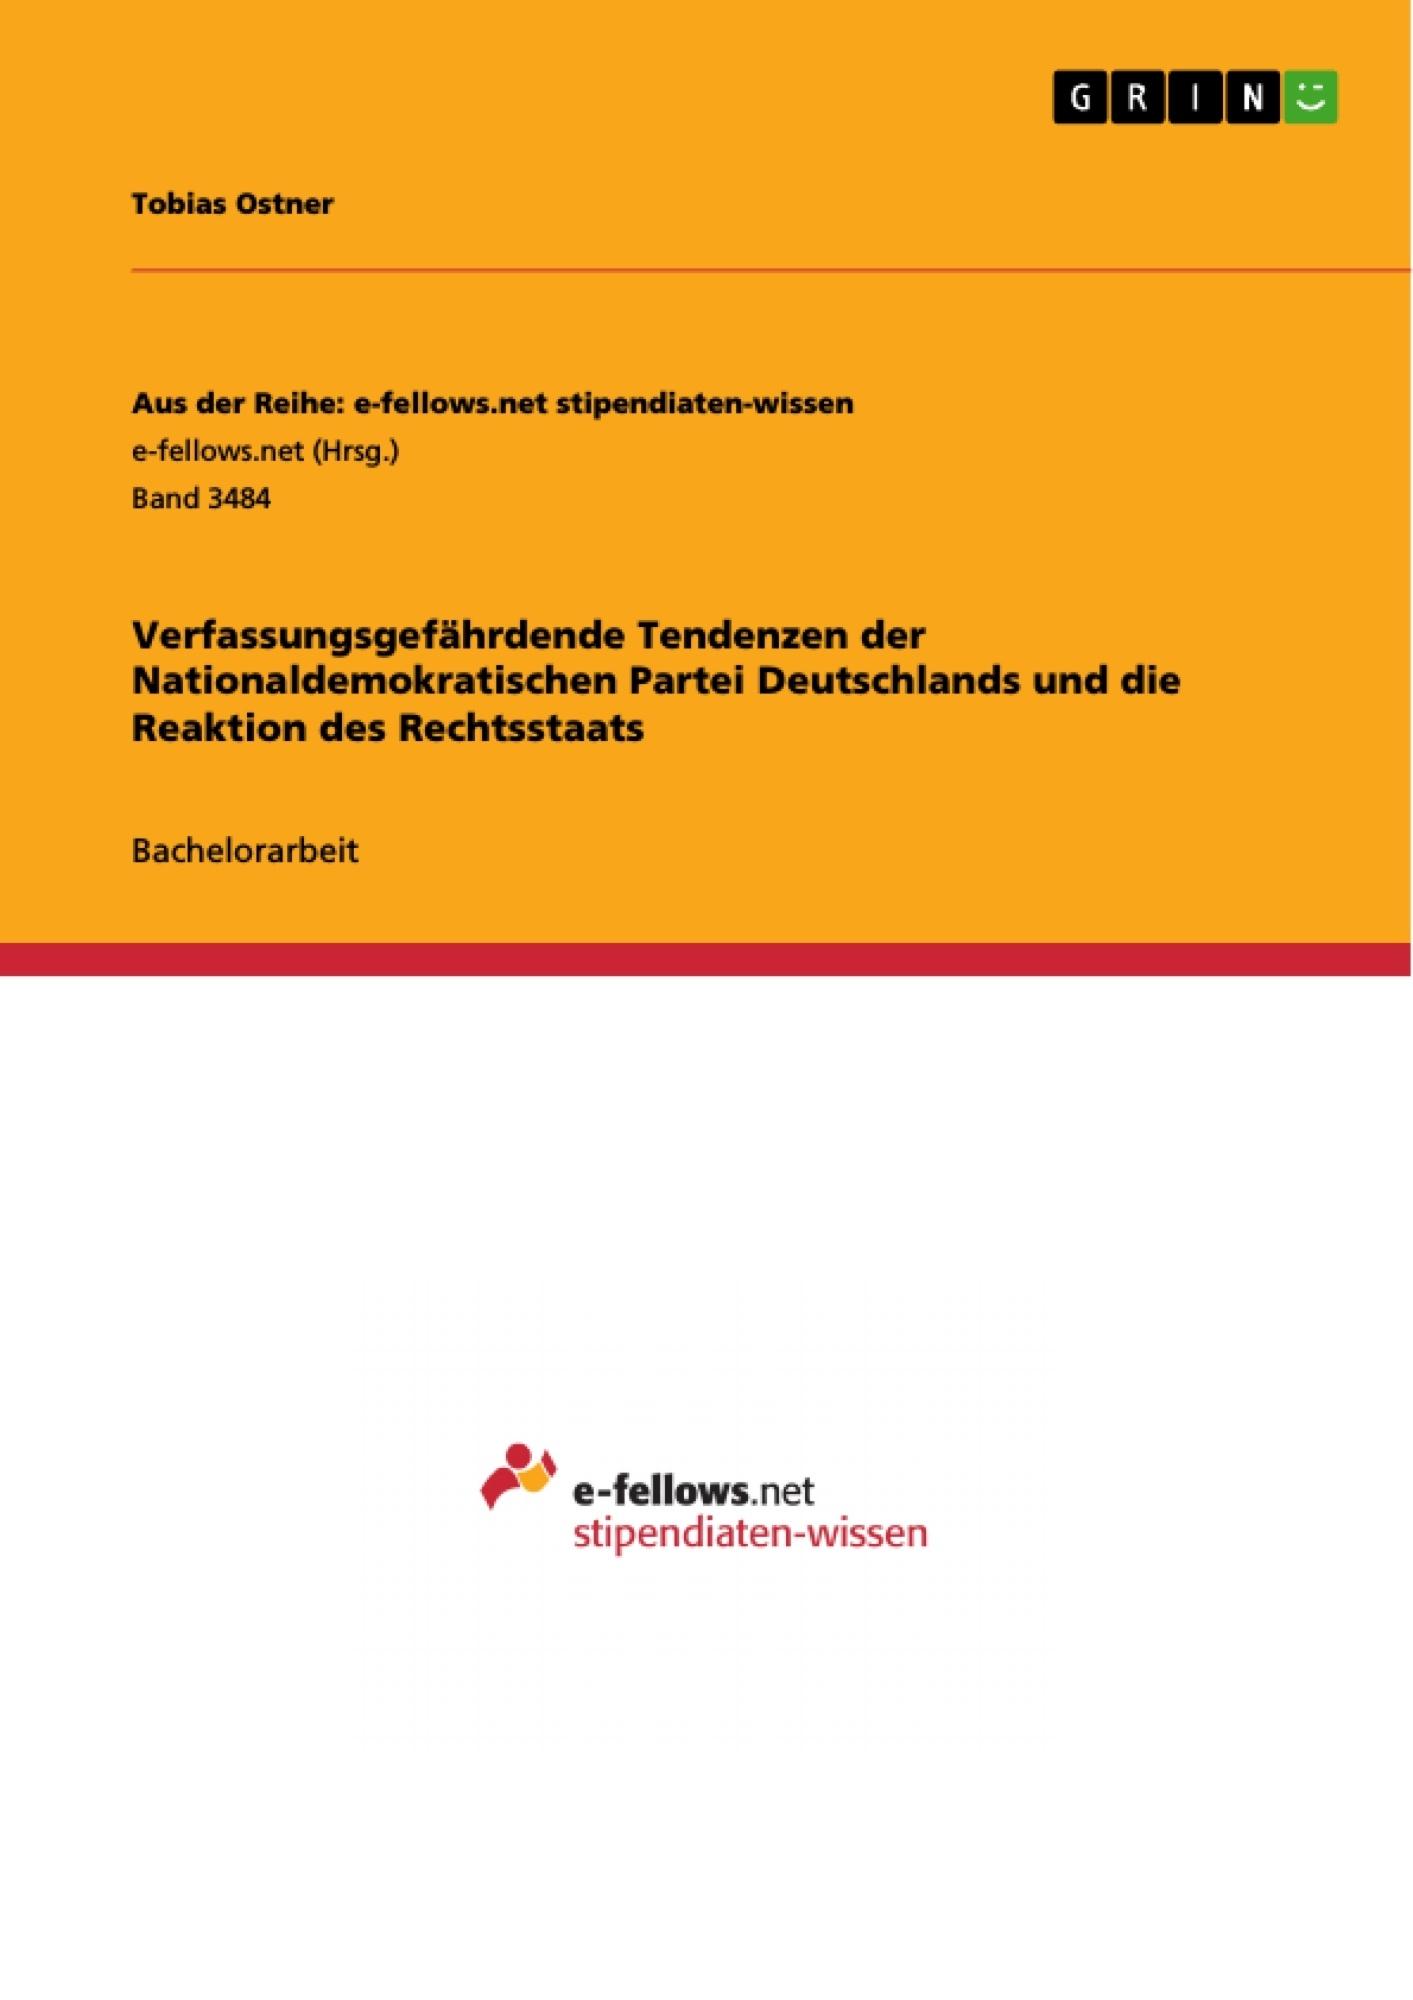 Title: Verfassungsgefährdende Tendenzen der Nationaldemokratischen Partei Deutschlands und die Reaktion des Rechtsstaats